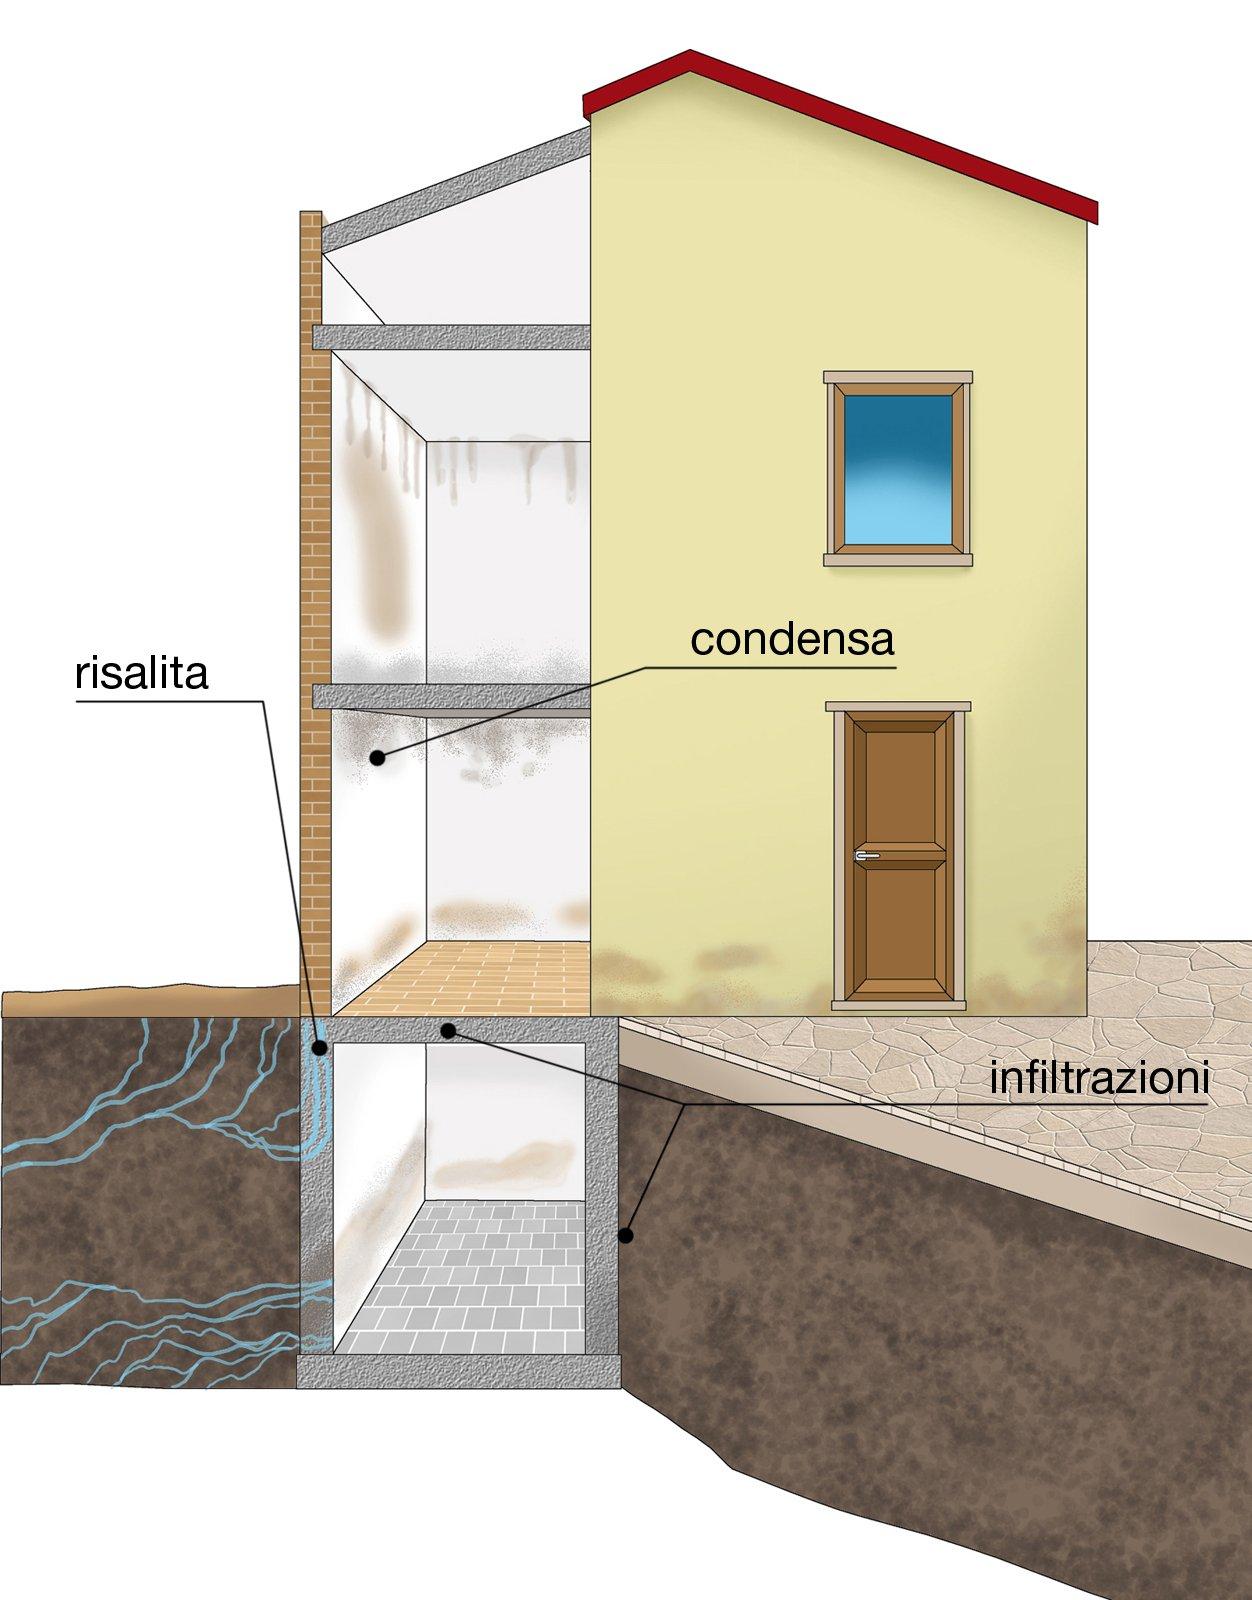 Umidit nei muri come riconoscerla cose di casa - Umidita in casa soluzioni ...